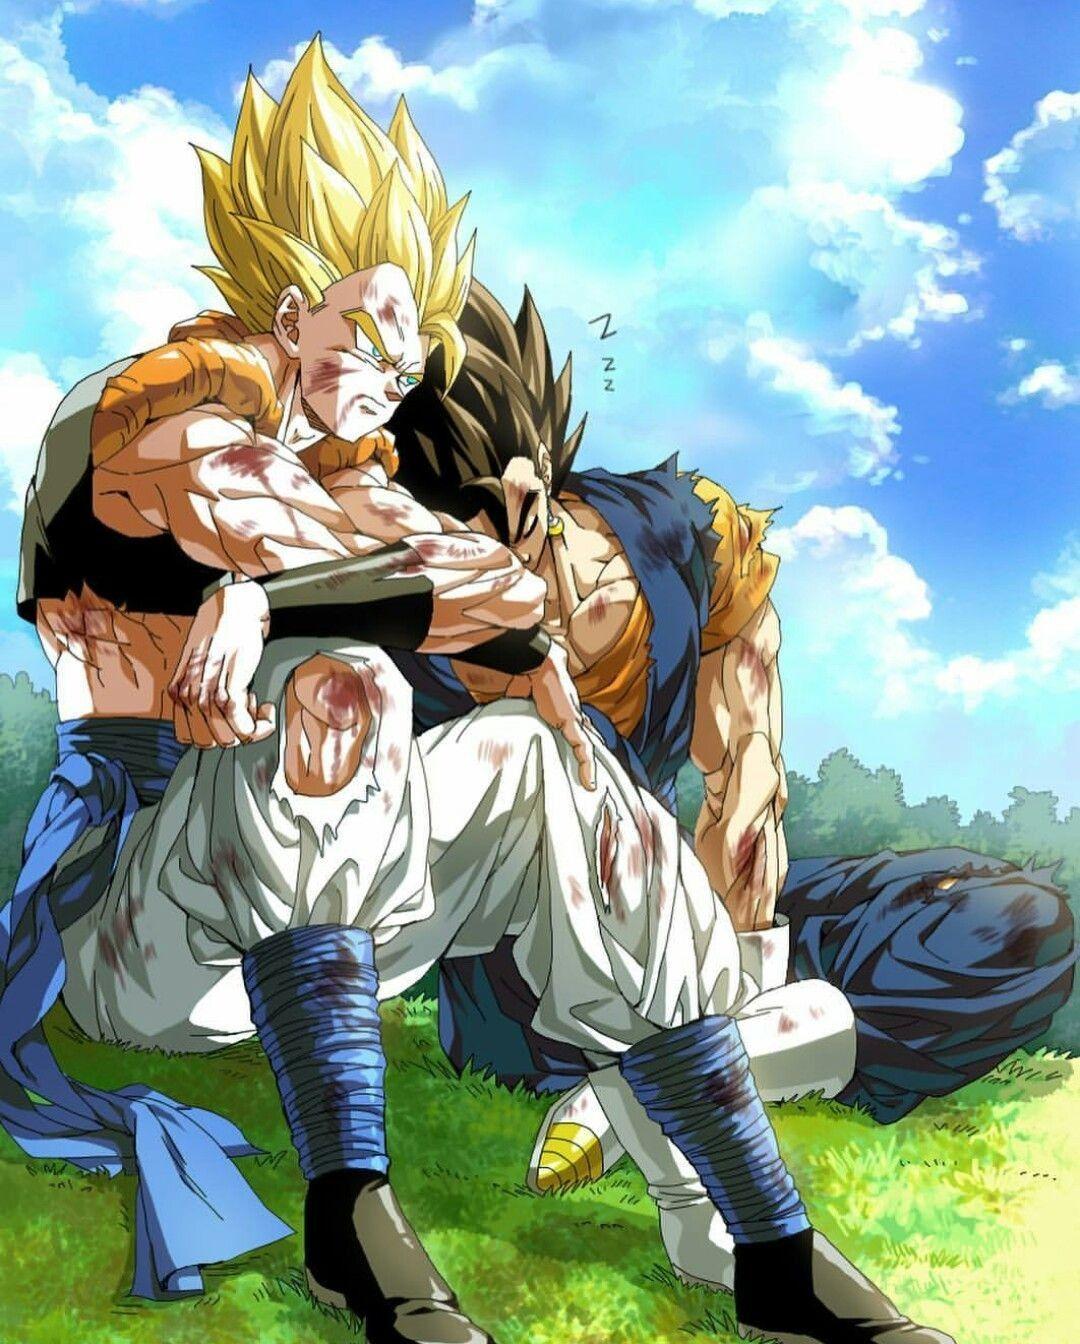 Goku Vegeta Fusion Dragon Ball Super Anime Dragon Ball Super Dragon Ball Art Dragon Ball Super Goku